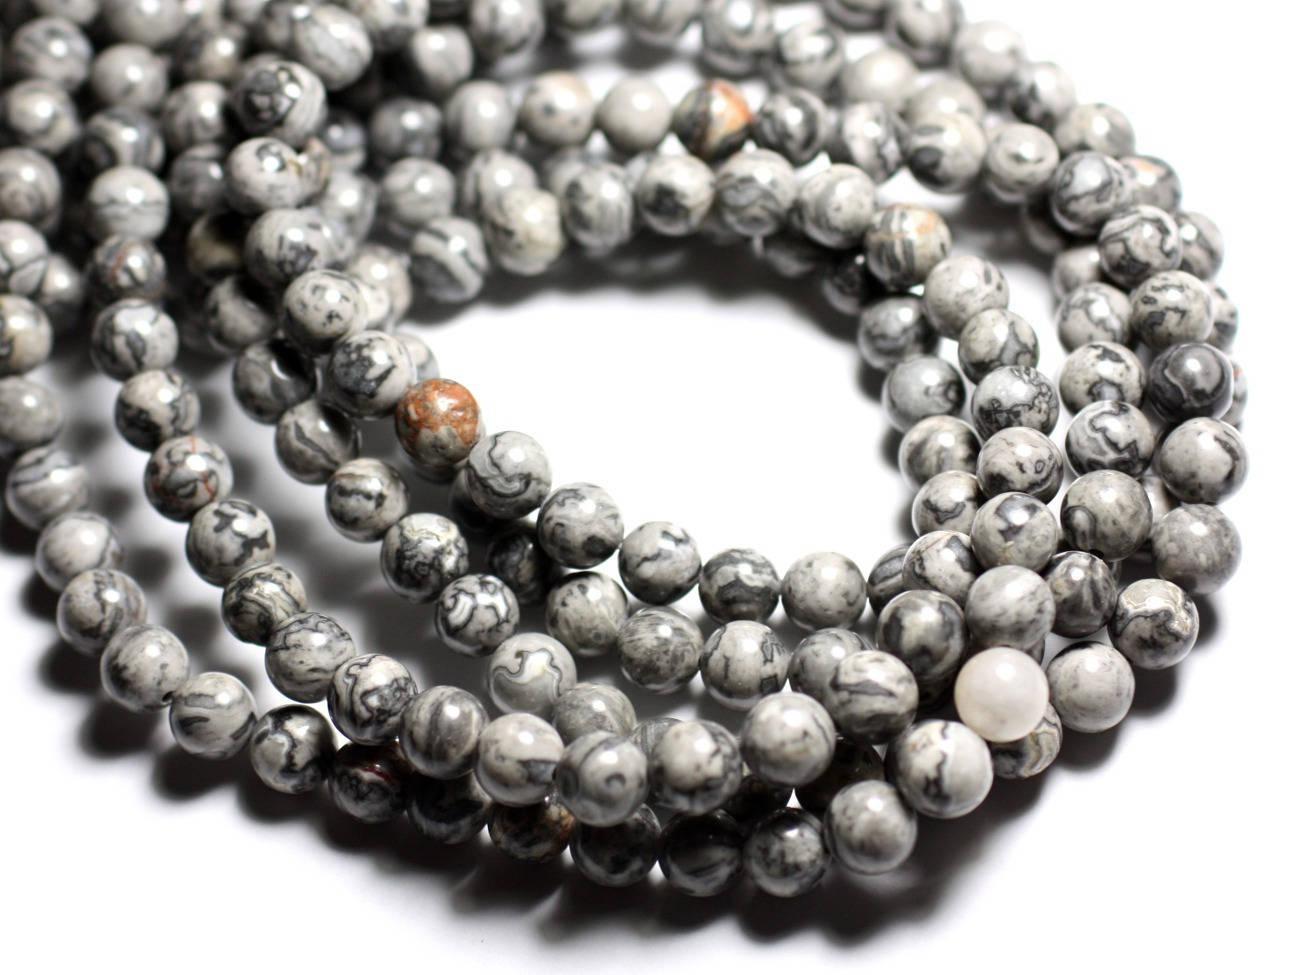 5pc perles de pierre jaspe paysage grise et noire boules. Black Bedroom Furniture Sets. Home Design Ideas